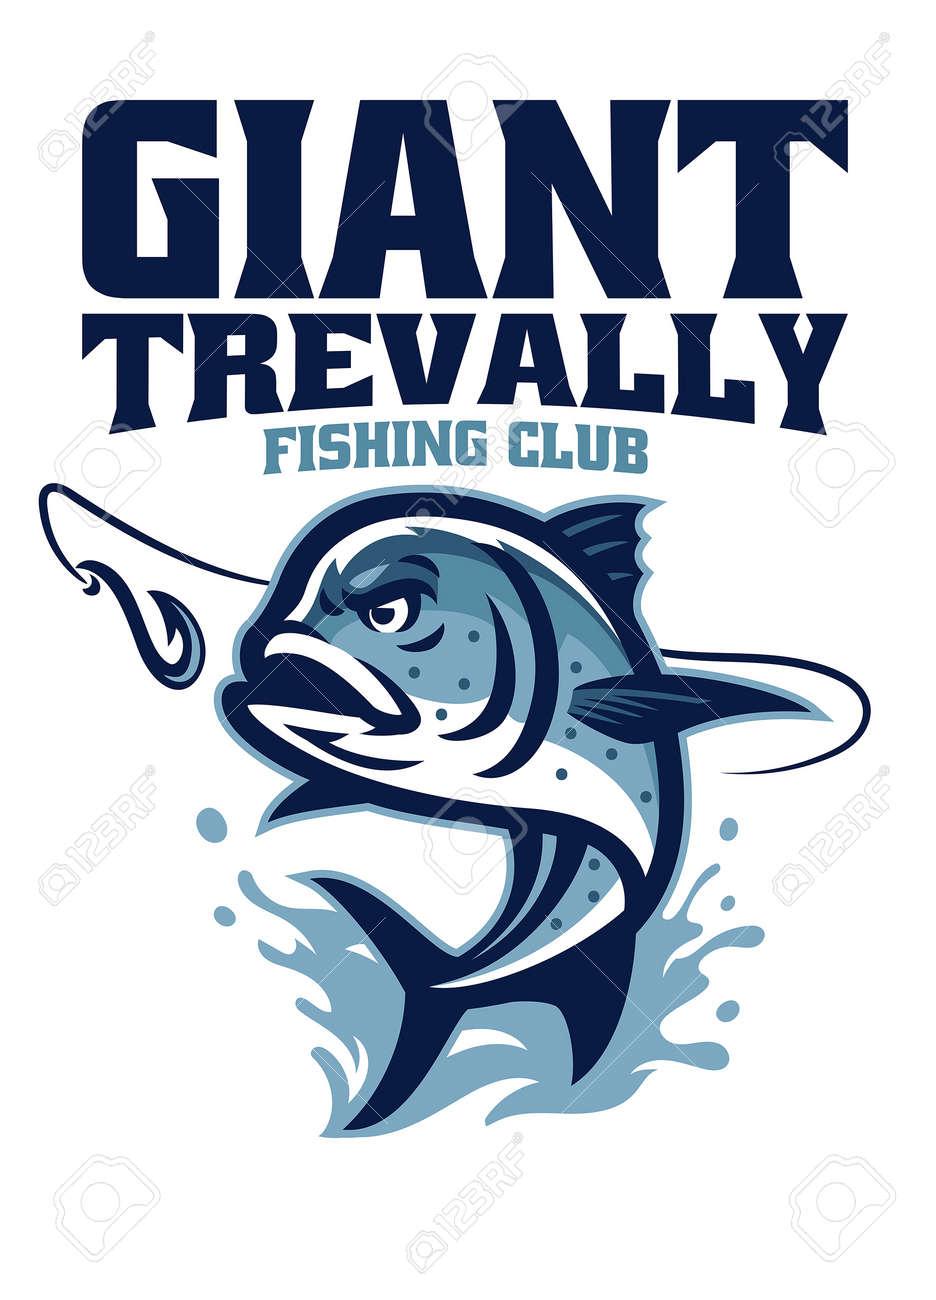 Giant trevally fishing club - 169099737